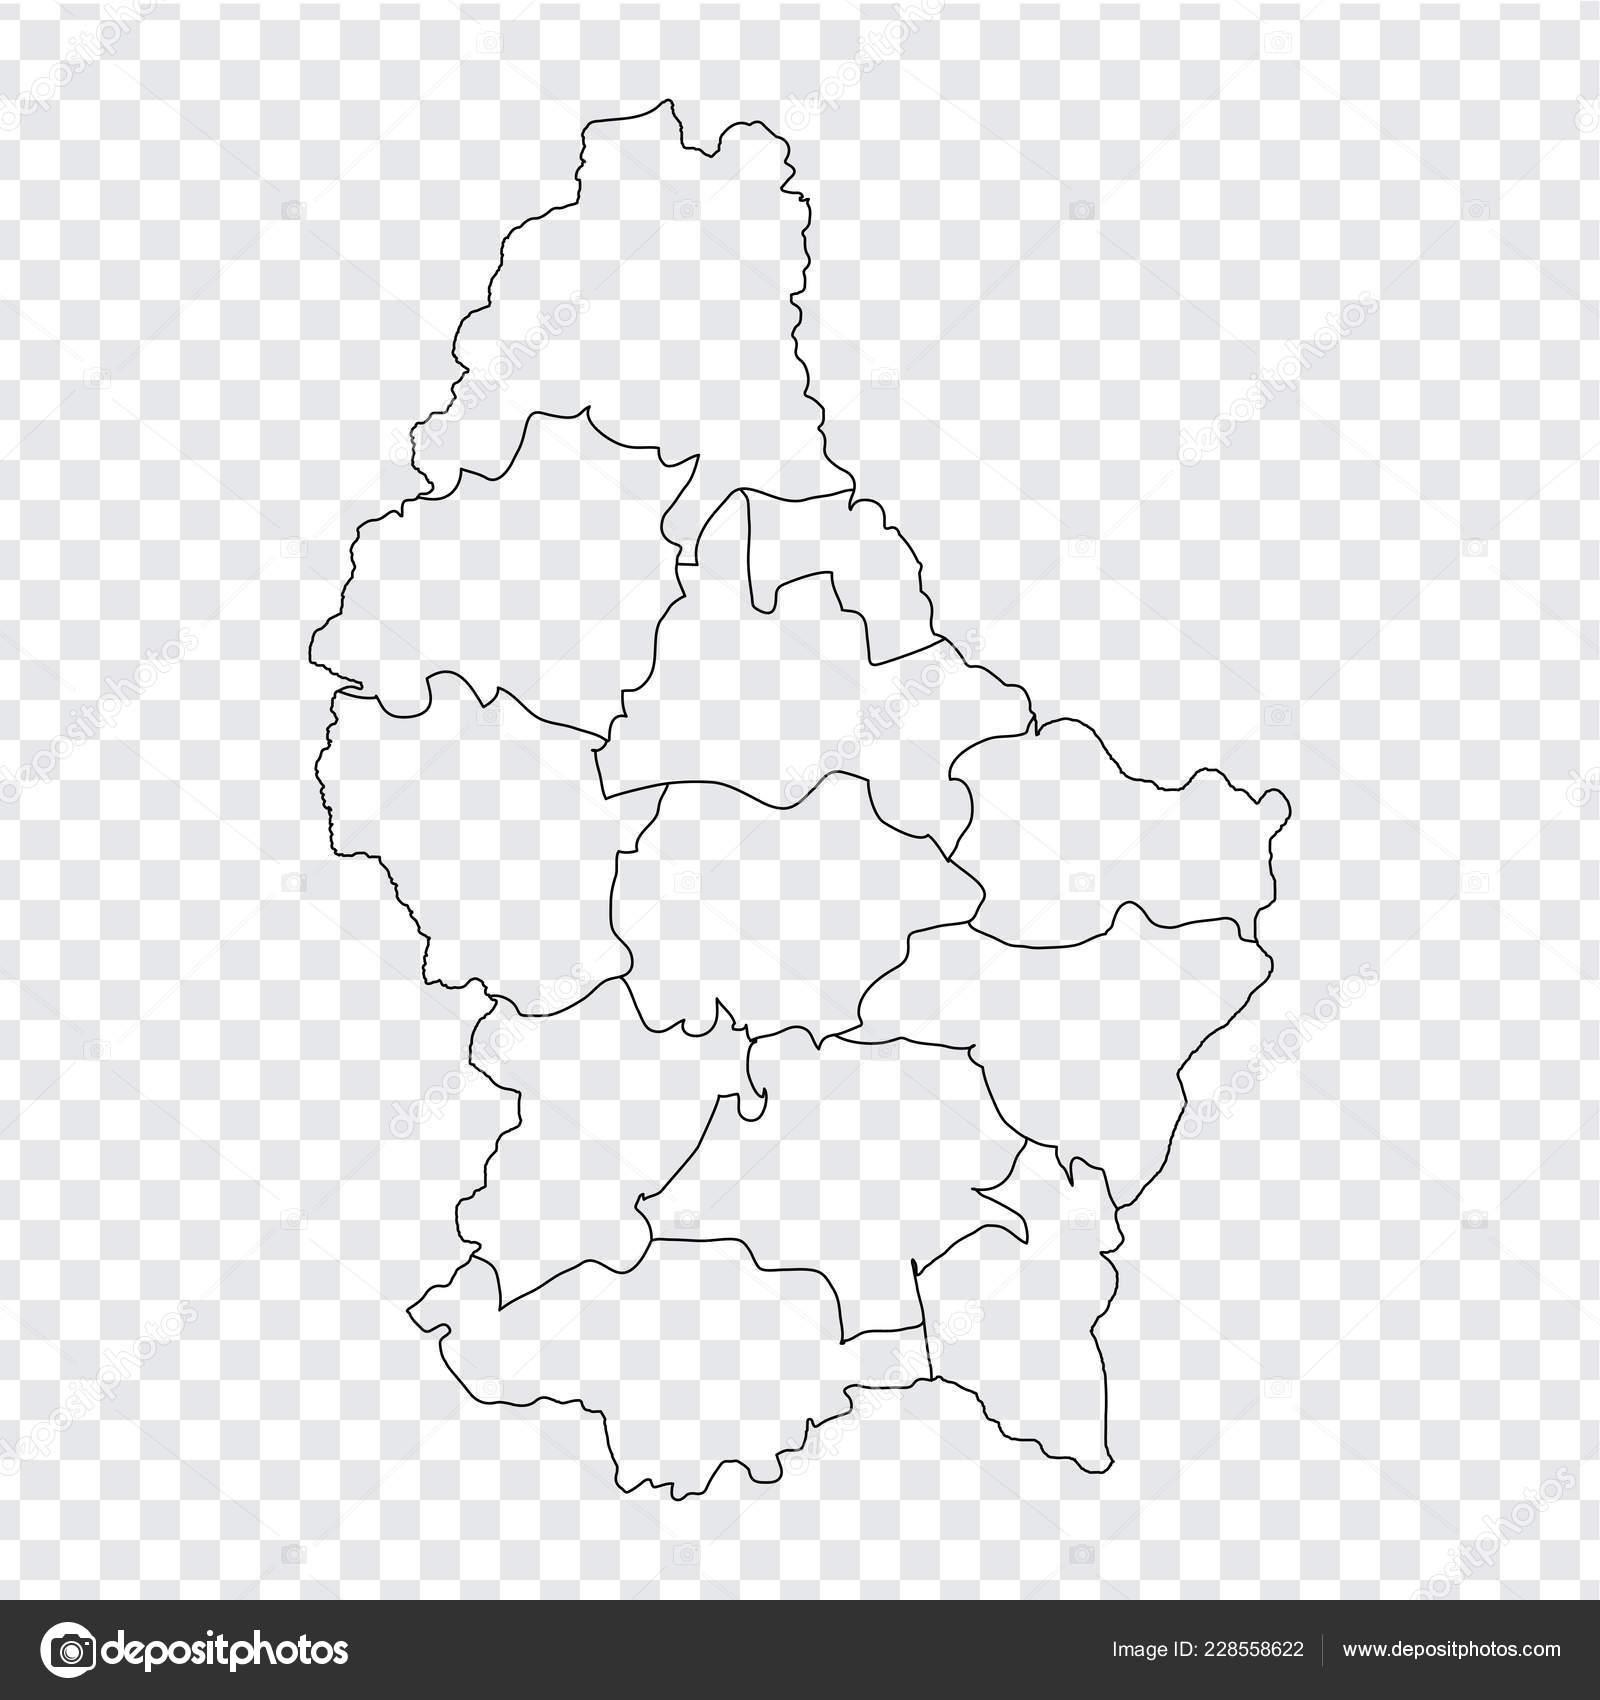 Leere Karte Luxemburg Hochwertige Karte Luxemburg Mit ...